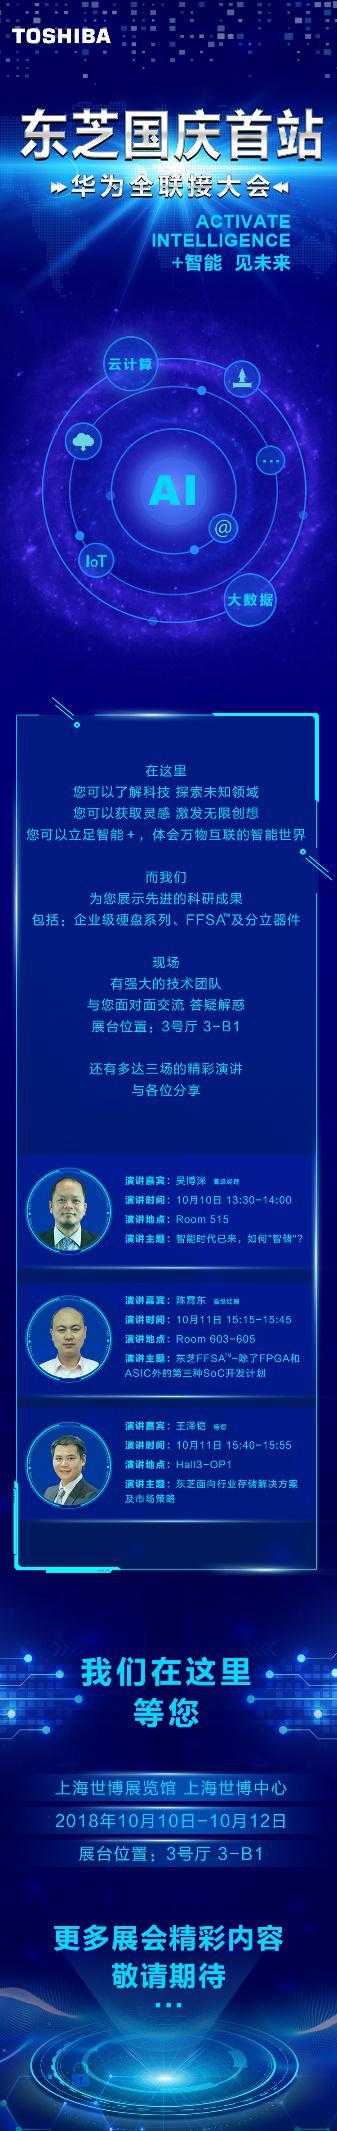 东芝国庆首站――华为全联接大会